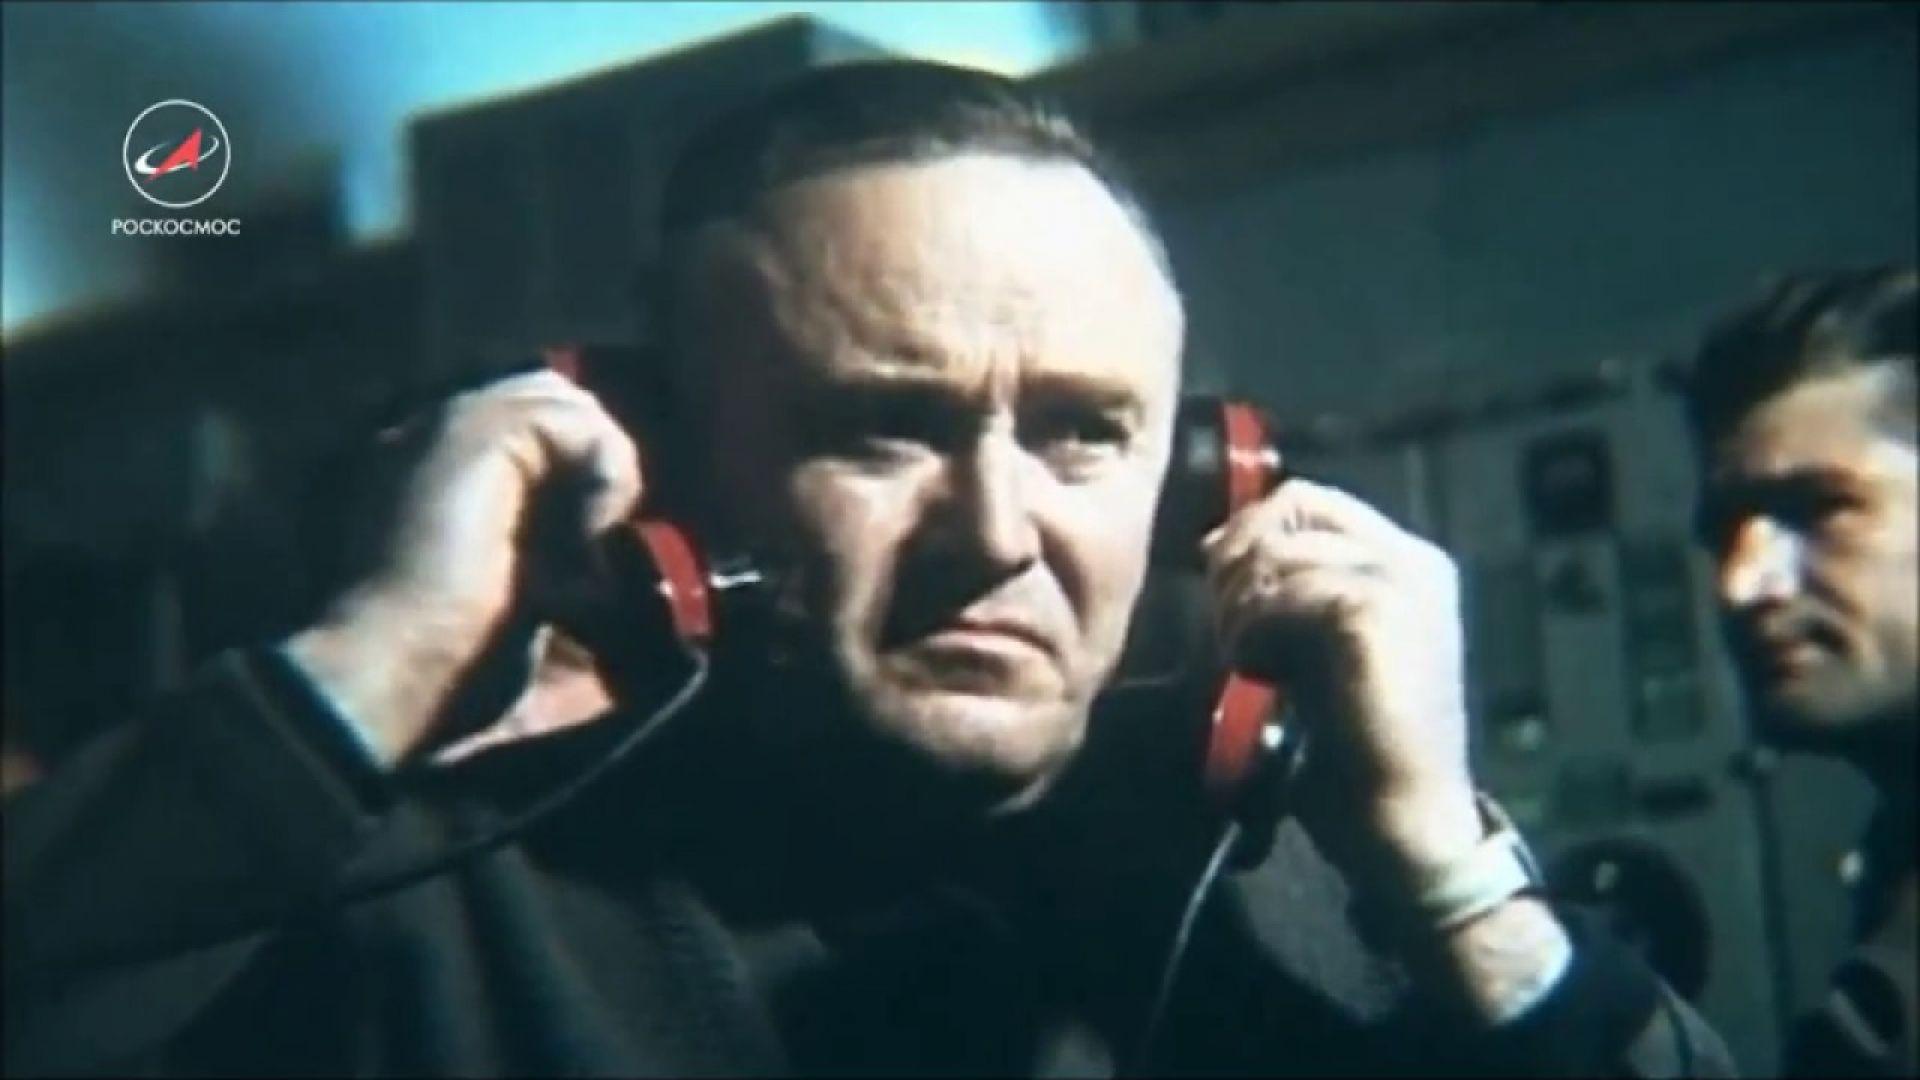 Корольов е напрегнат преди всеки ракетен старт, като постояно следи дали всичко е изрядно в системите